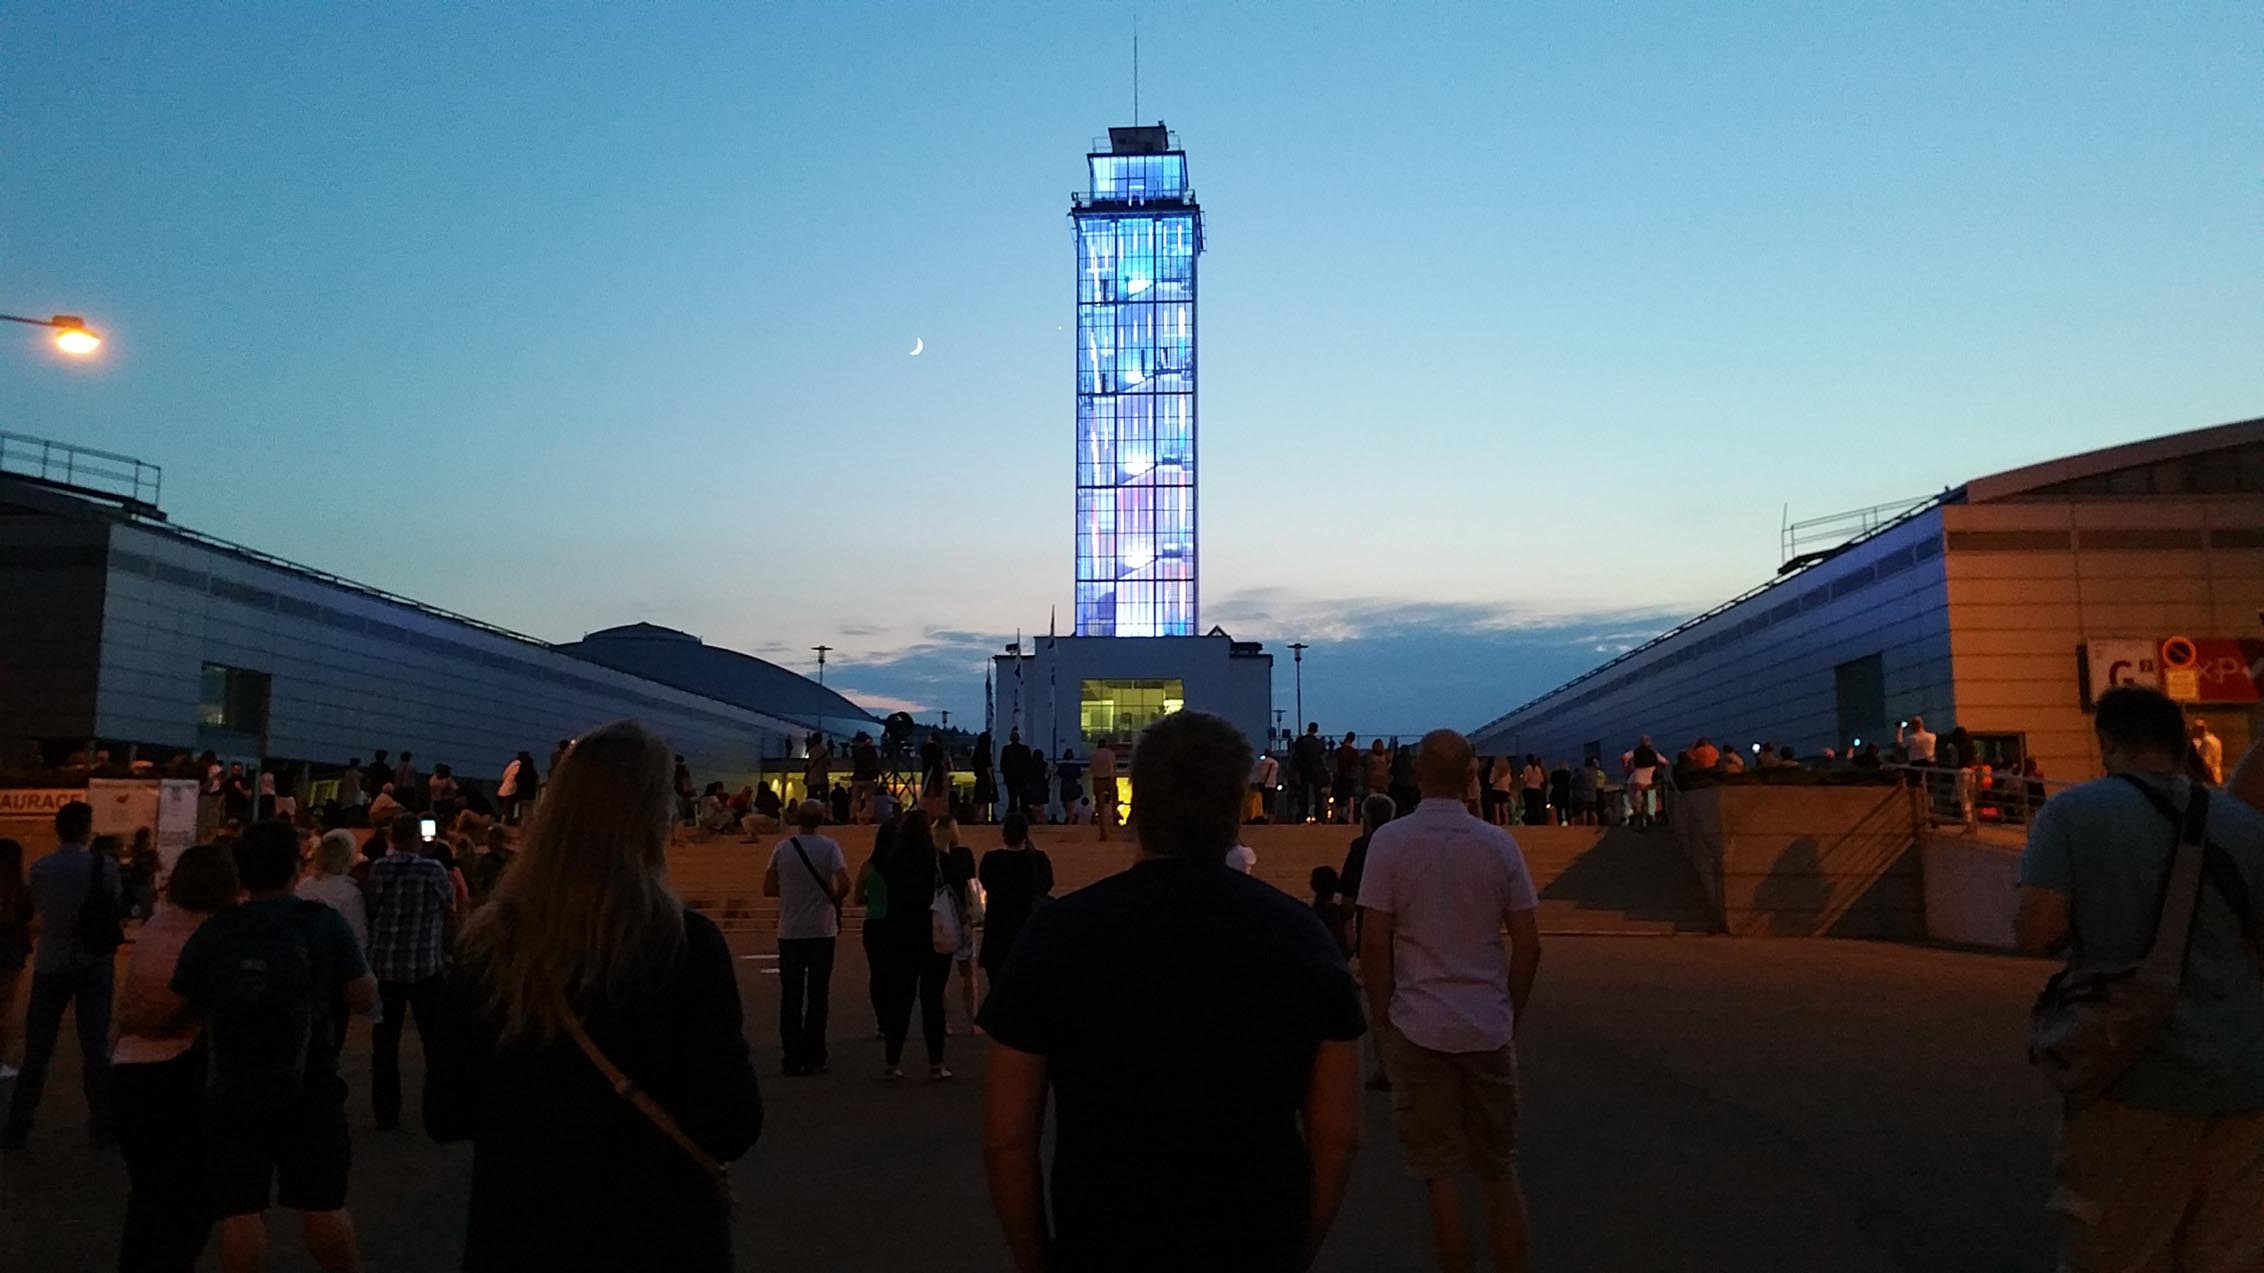 Světelná show na brněnském výstavišti Re:publika 2018